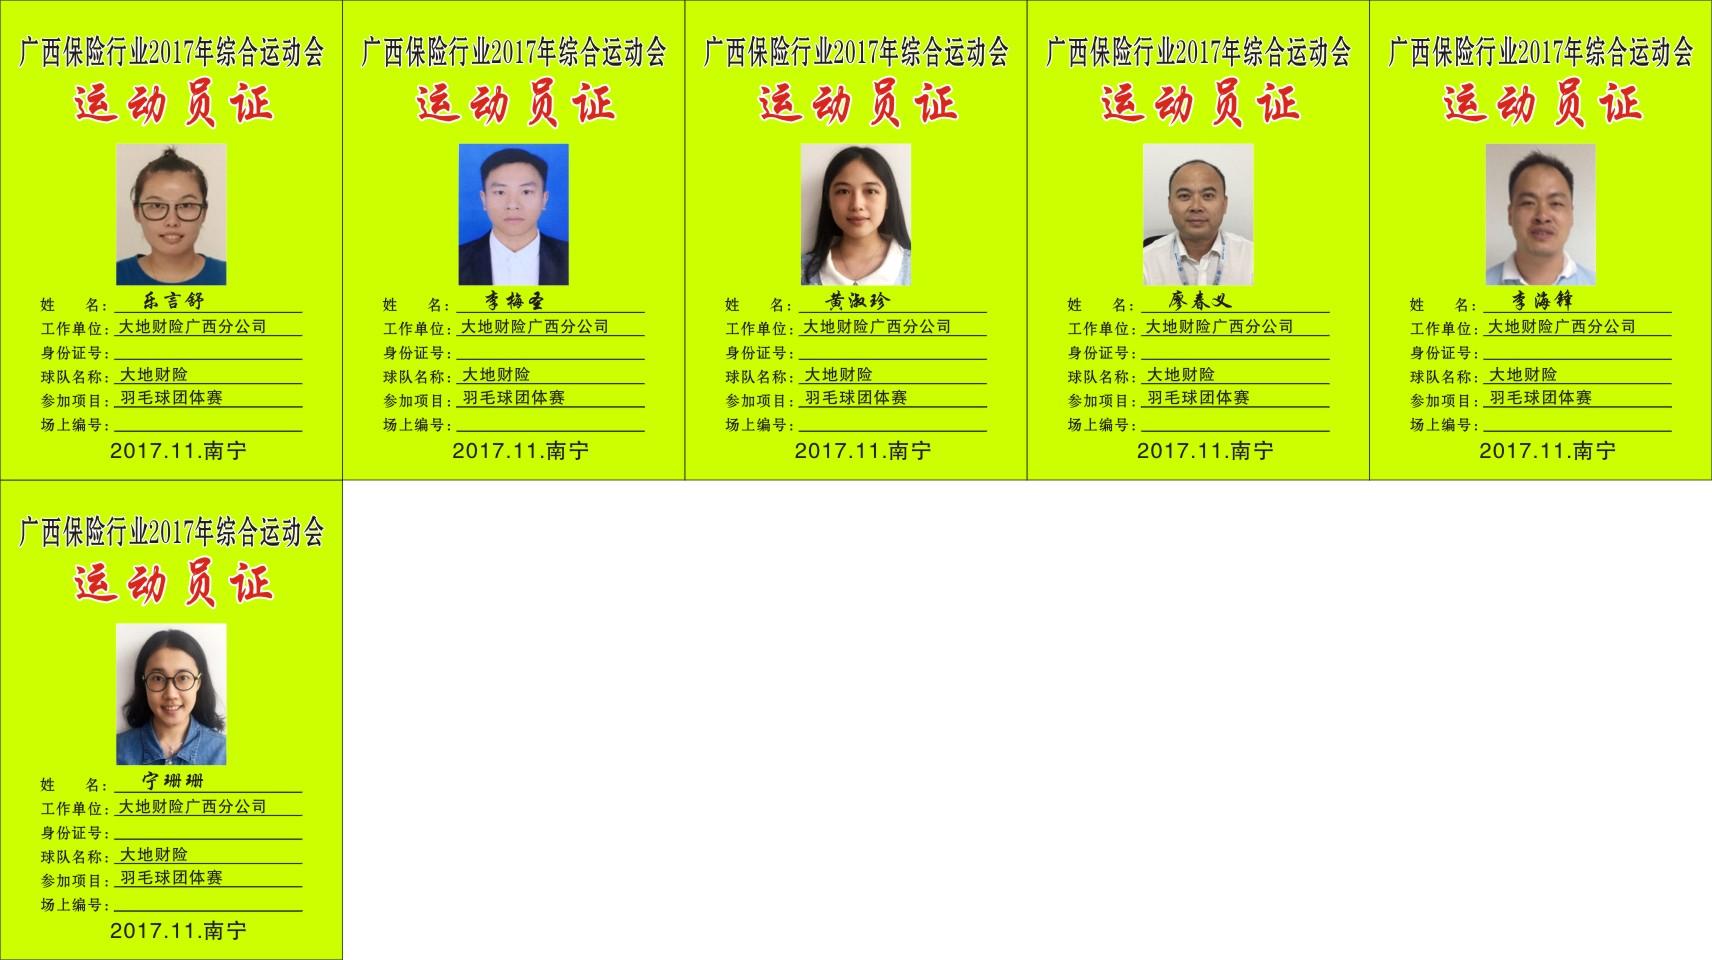 19大地财险广西分公司.jpg